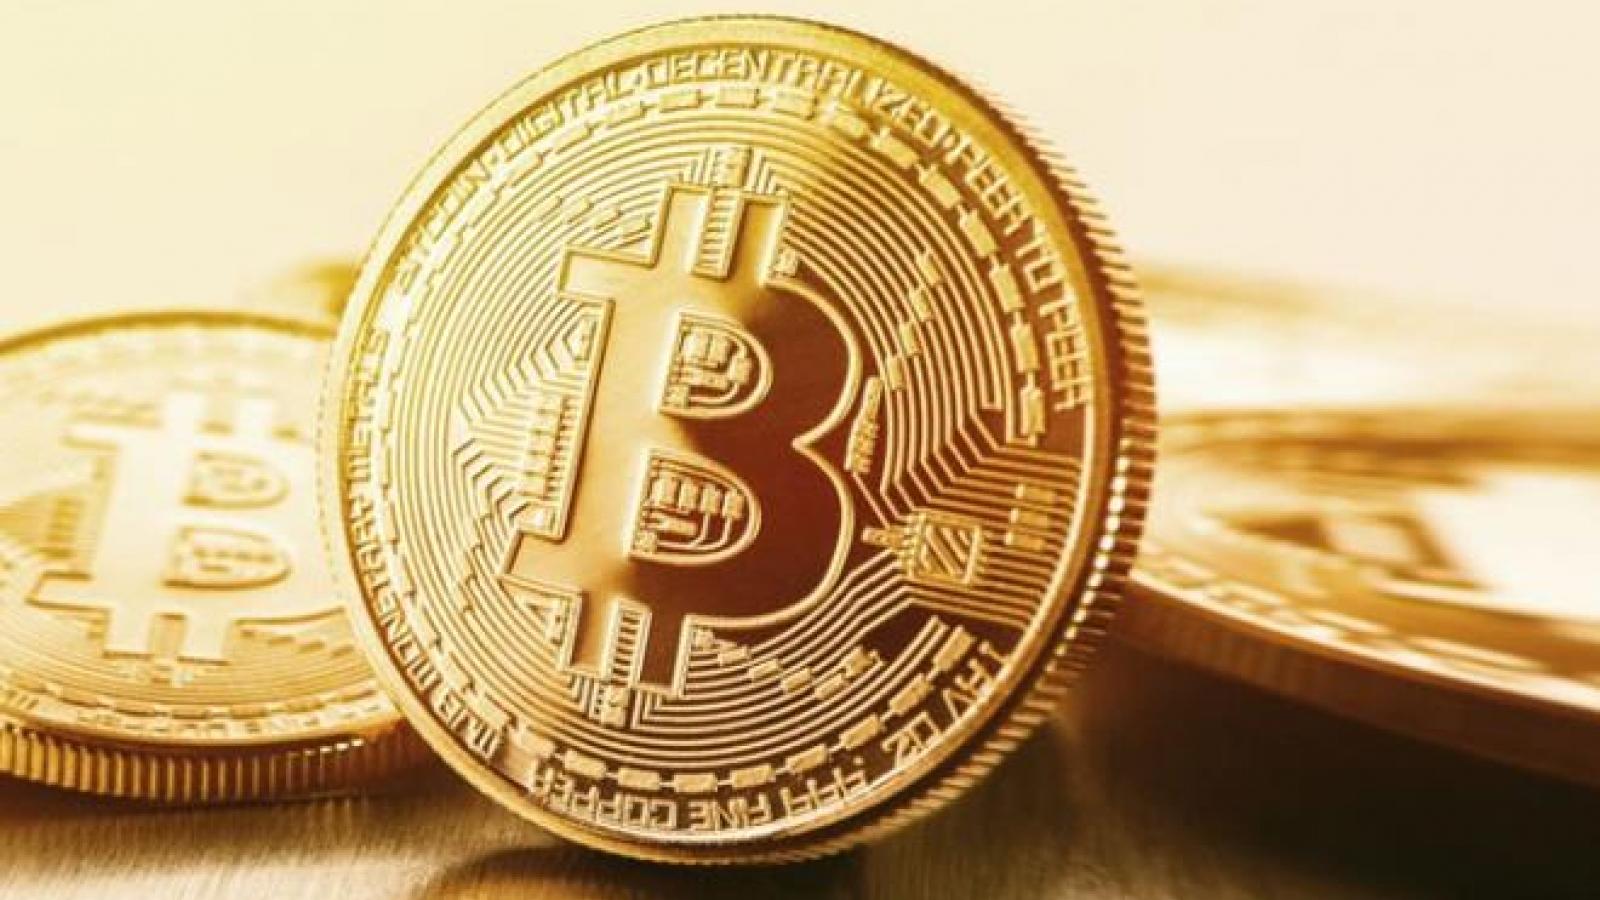 Đồng tiền điện tử Bitcoin đạt giá trị kỷ lục kể từ khi phát hành